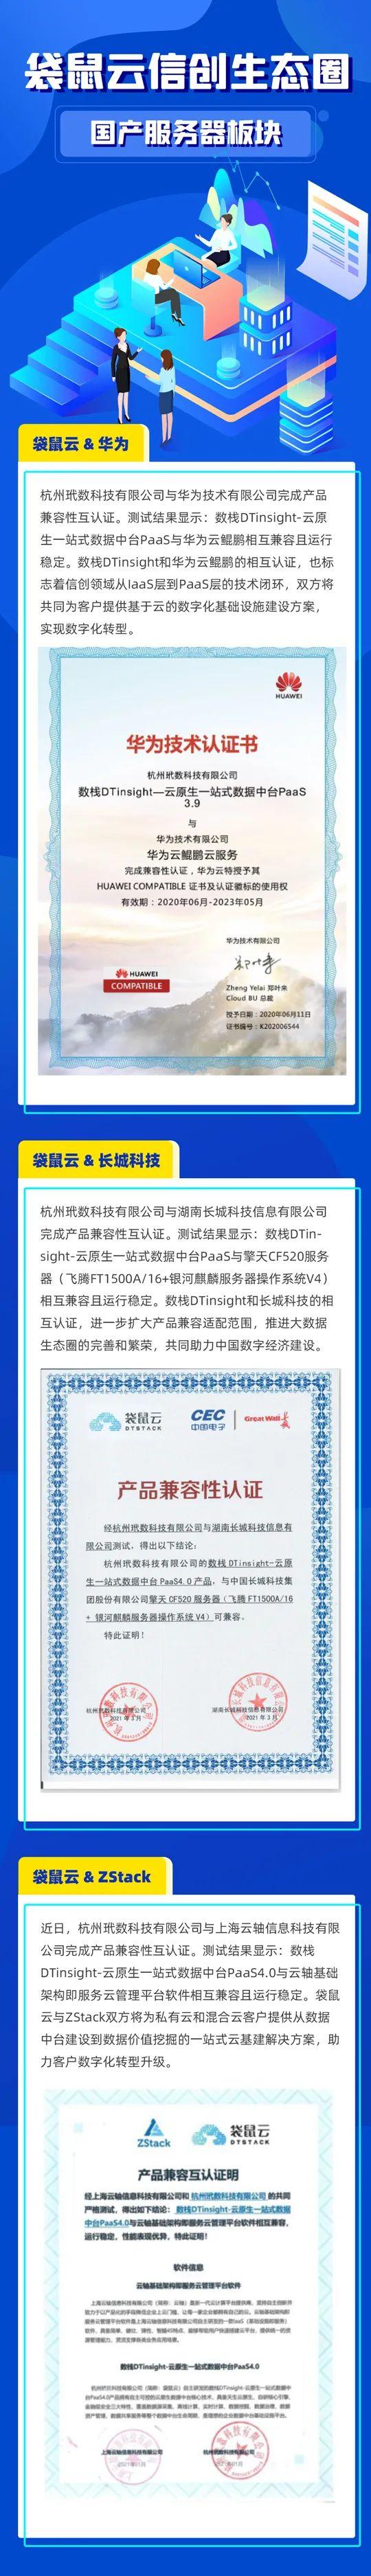 袋鼠云信创认证新动态|数栈DTinsight与10家信创厂家完成产品兼容互认证